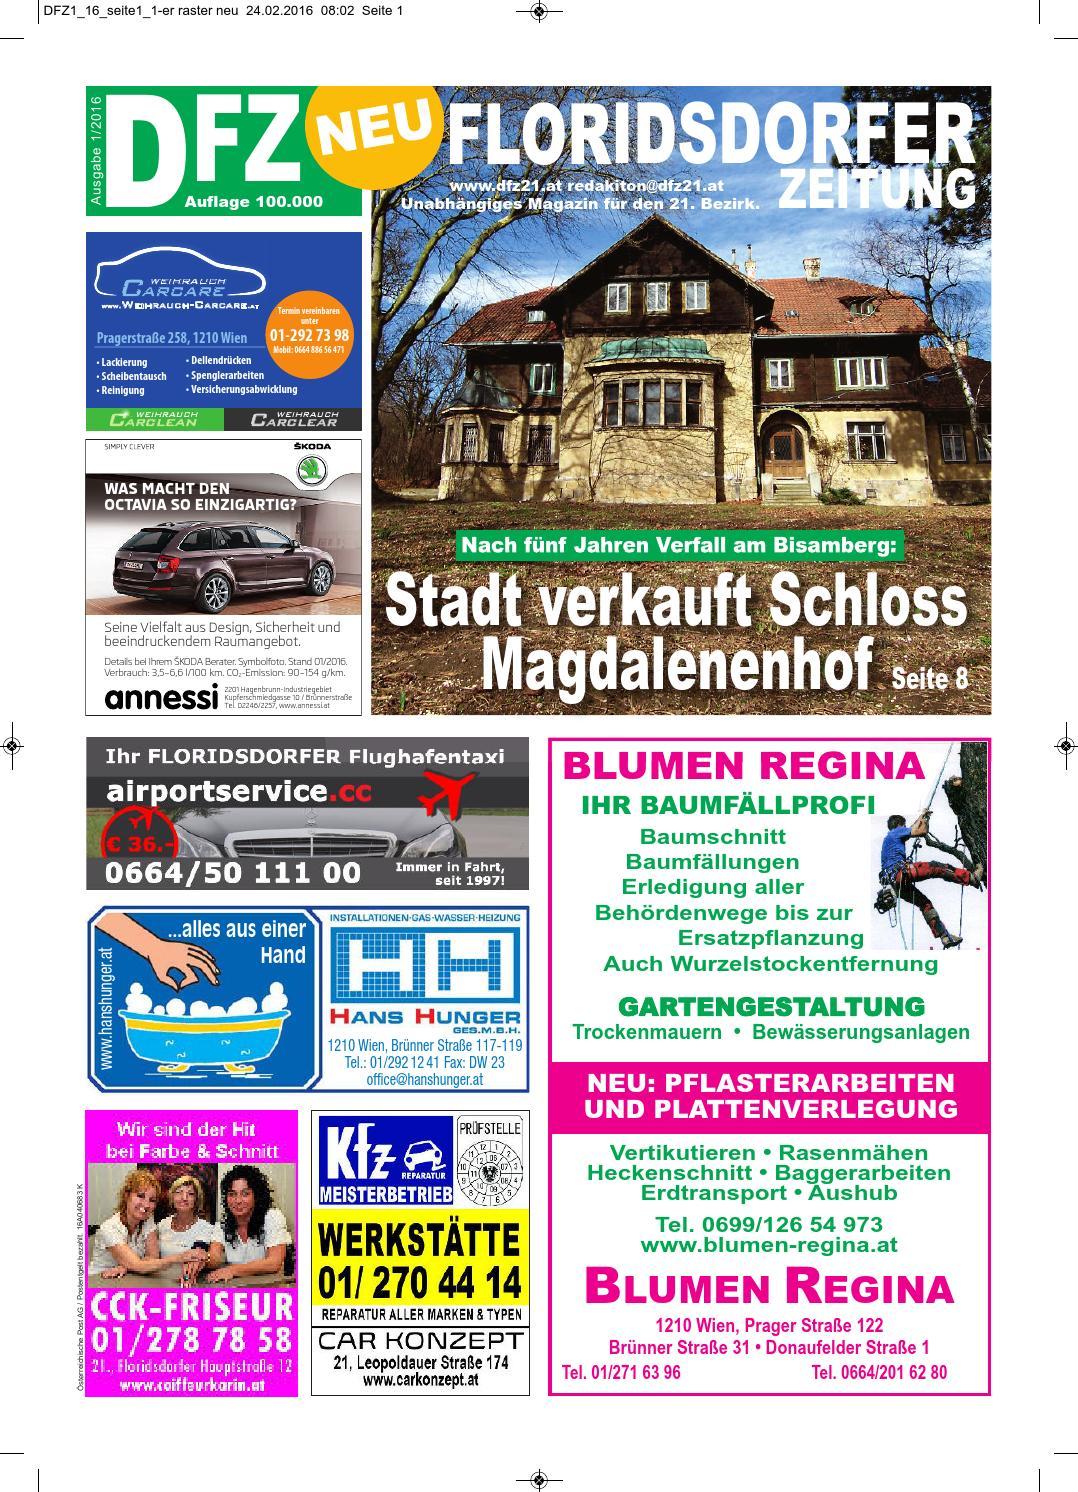 Dfz1 2016 gesamt by niky issuu for Gartengestaltung 1210 wien